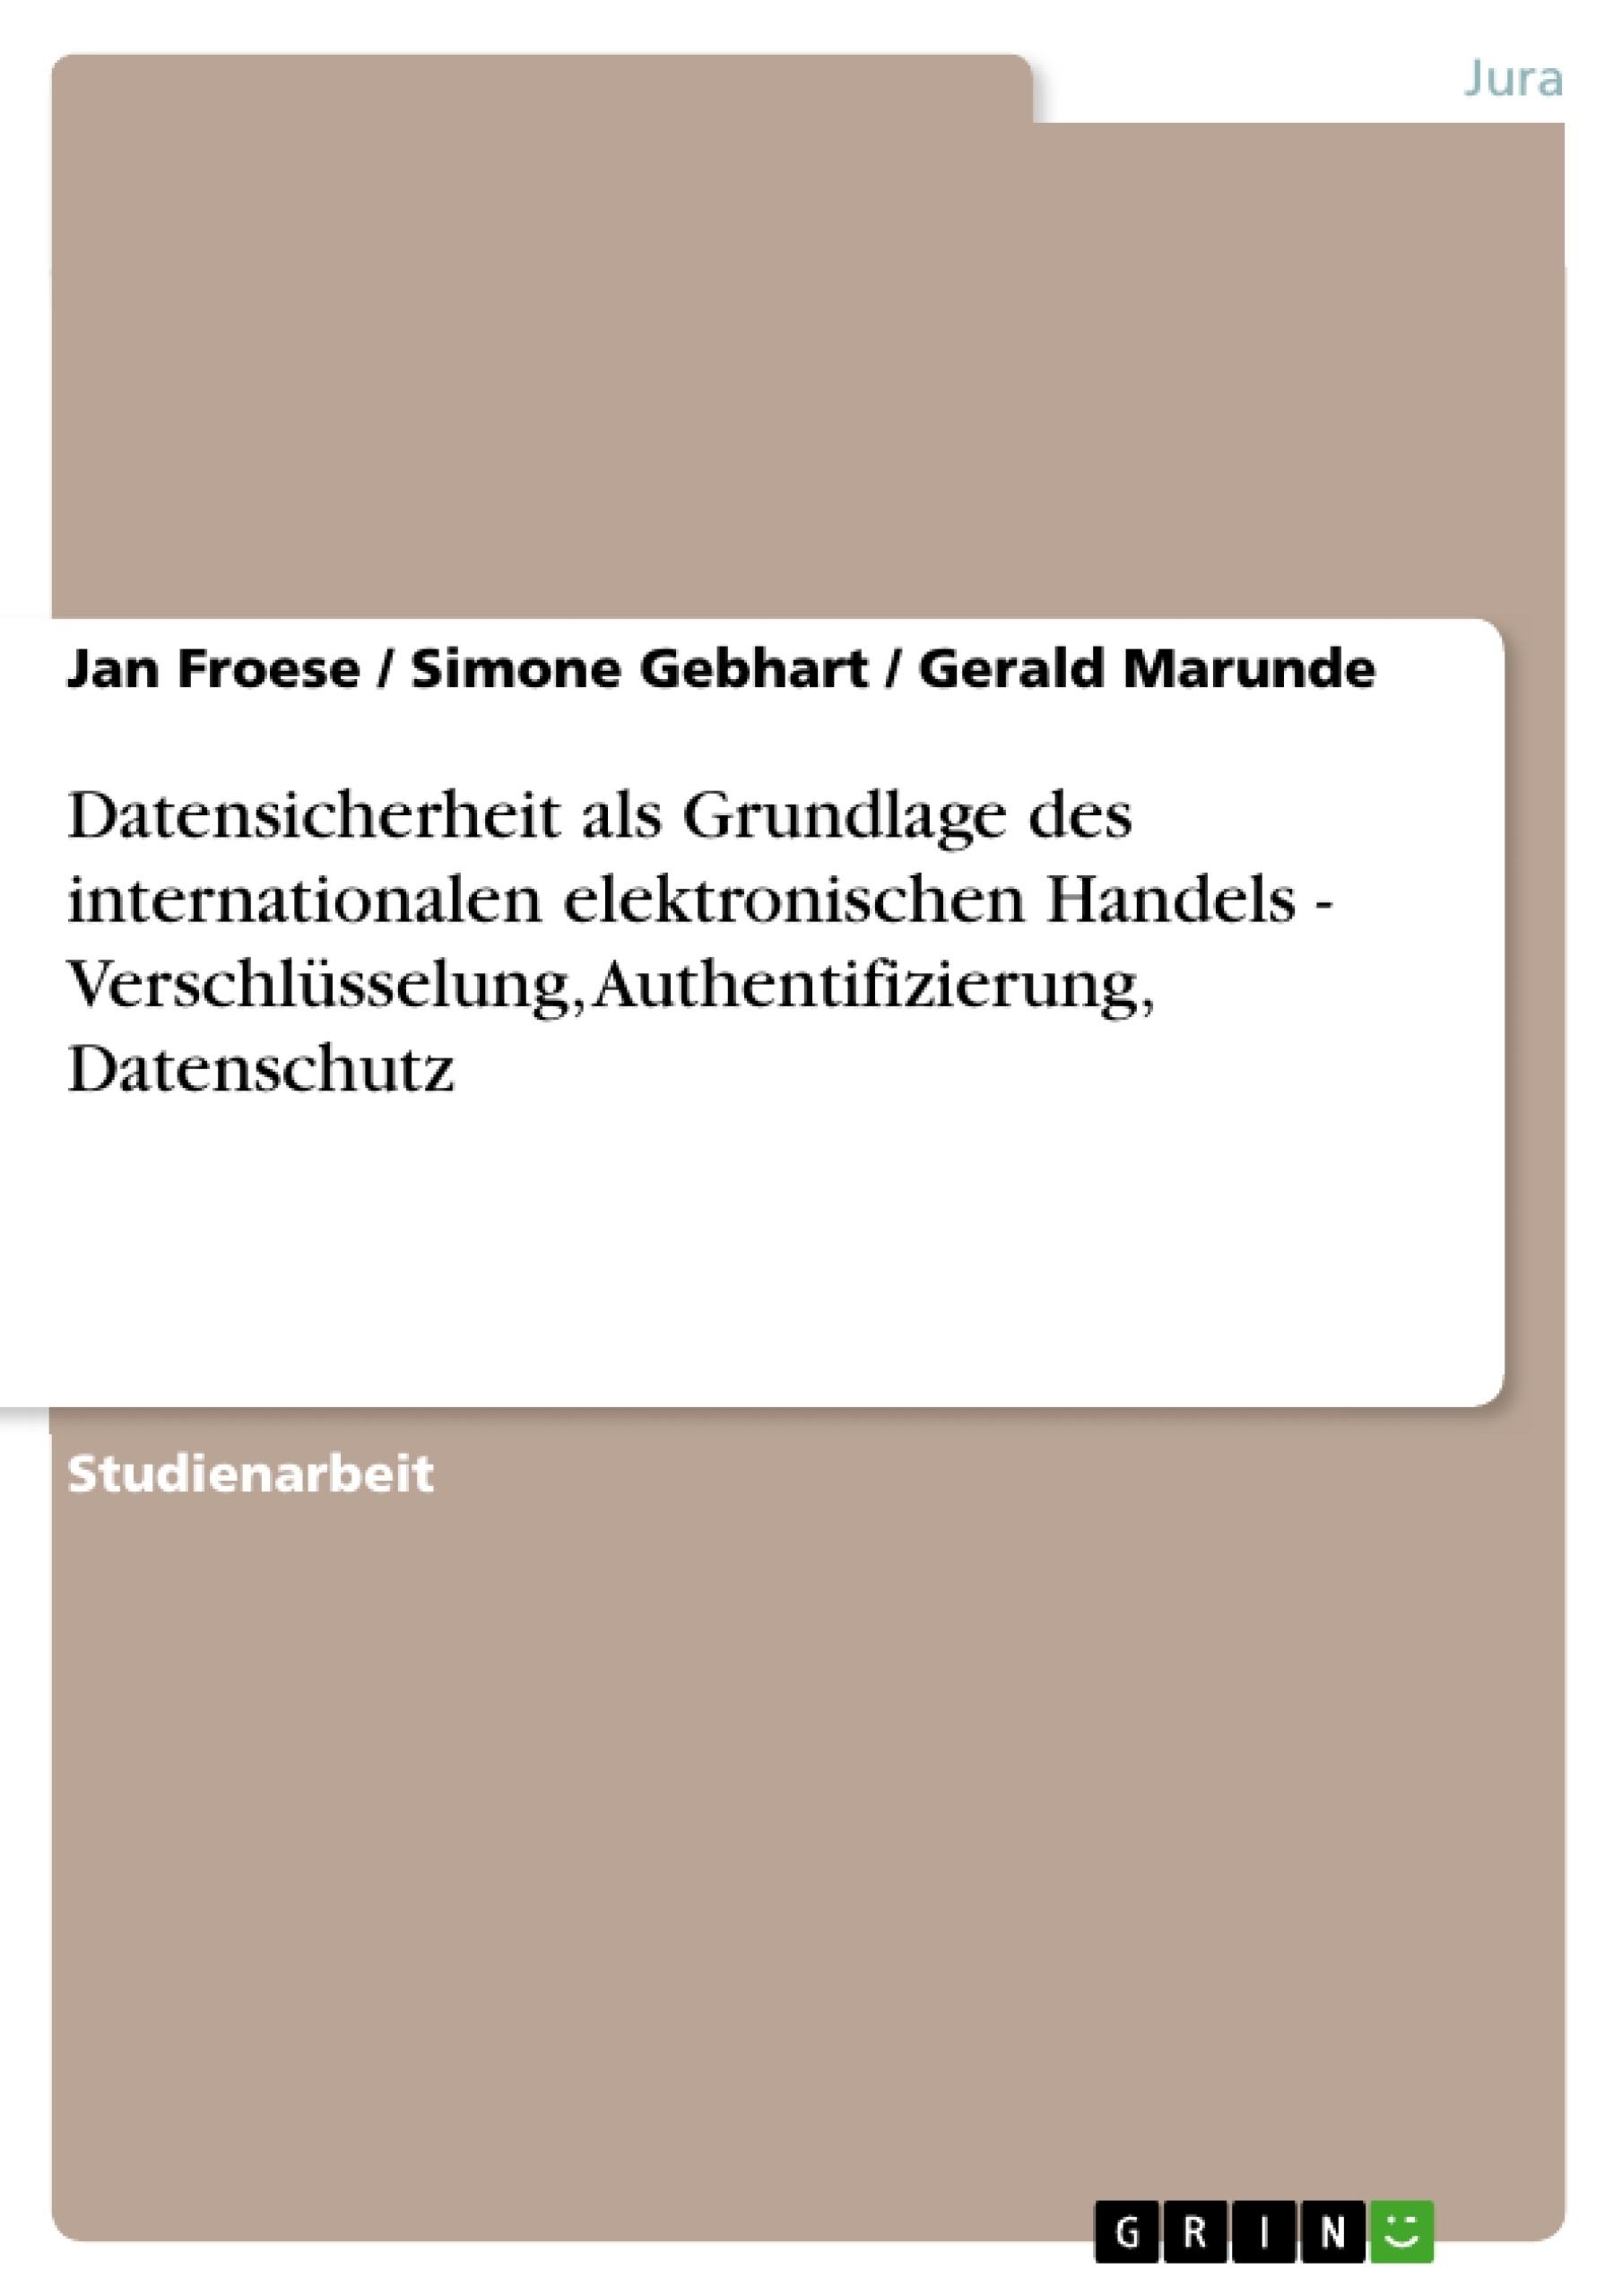 Titel: Datensicherheit als Grundlage des internationalen elektronischen Handels - Verschlüsselung, Authentifizierung, Datenschutz